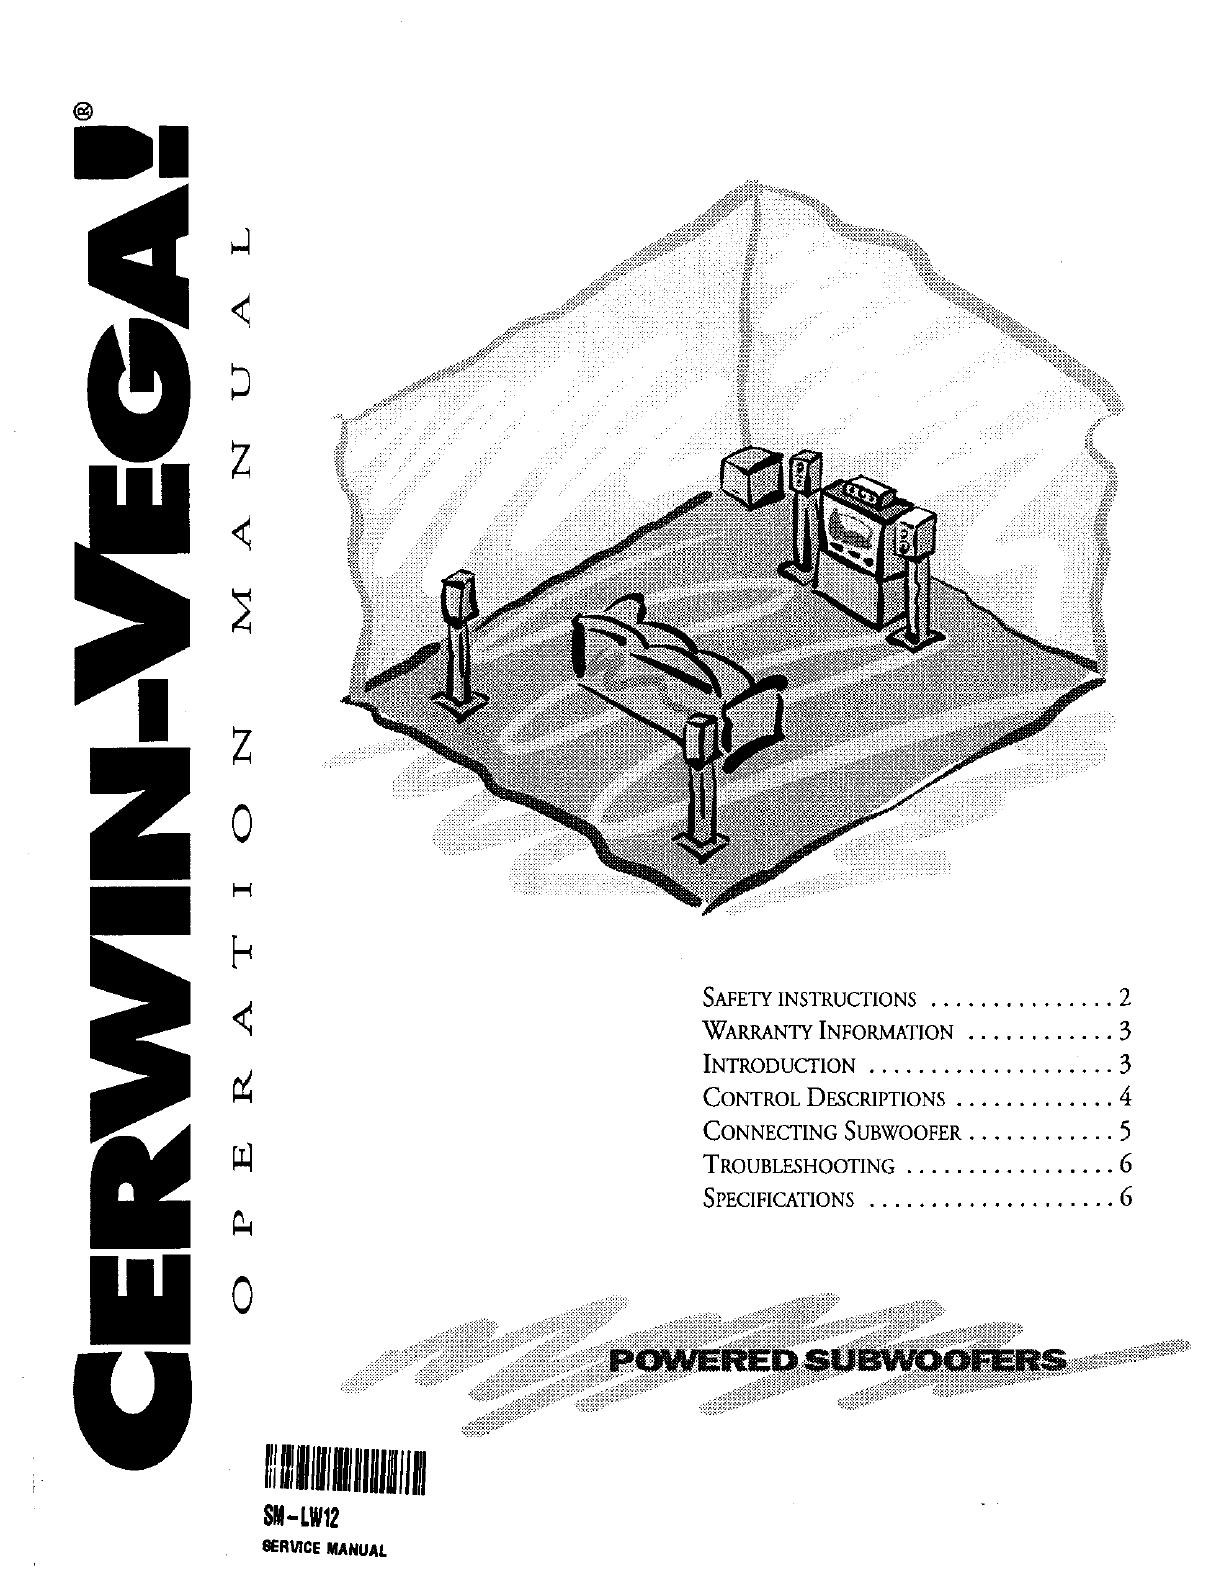 Cerwin-Vega SM-LW12 Speaker User Manual